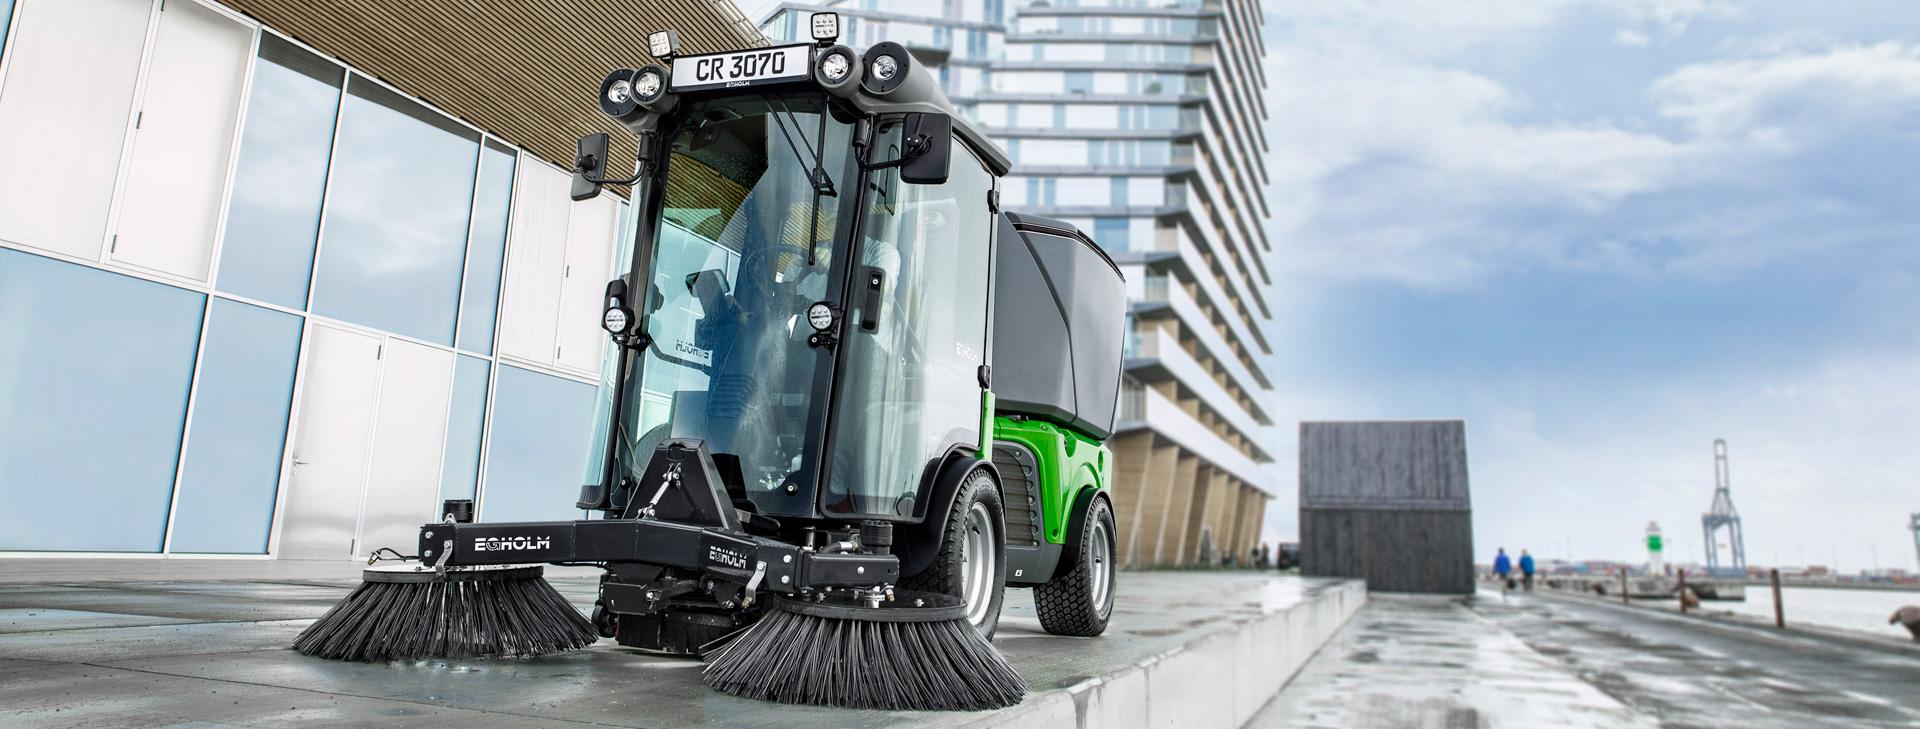 Wir führen eine große Auswahl an<br /> Maschinen für Kommunen und Landwirtschaft.